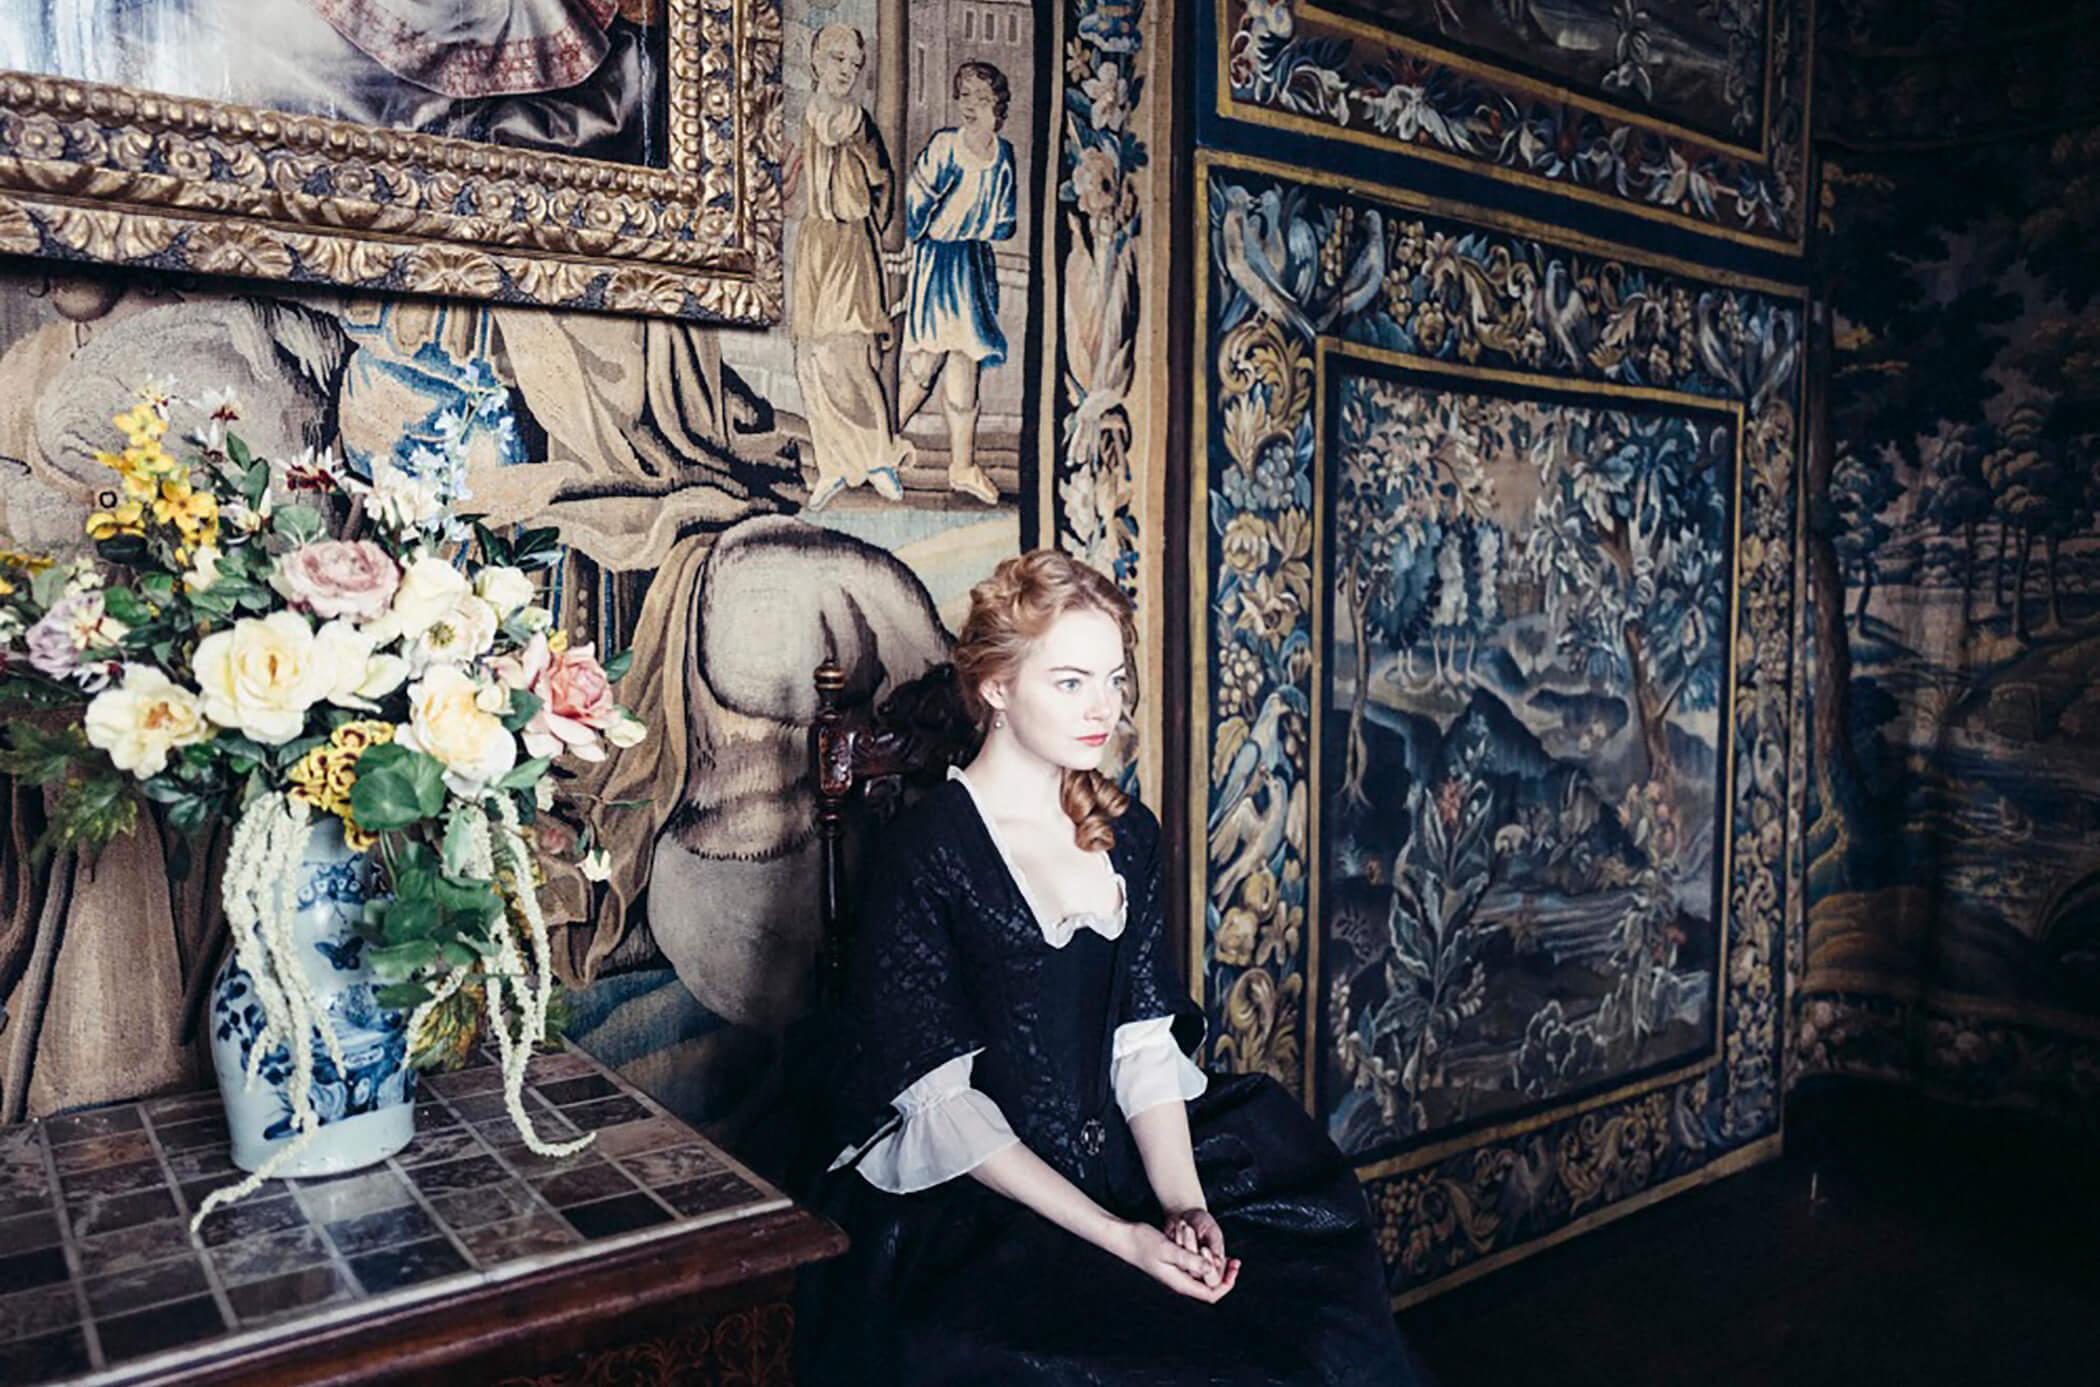 上映映画をもっと知りたい! 語りたい倶楽部。#17『女王陛下のお気に入り』